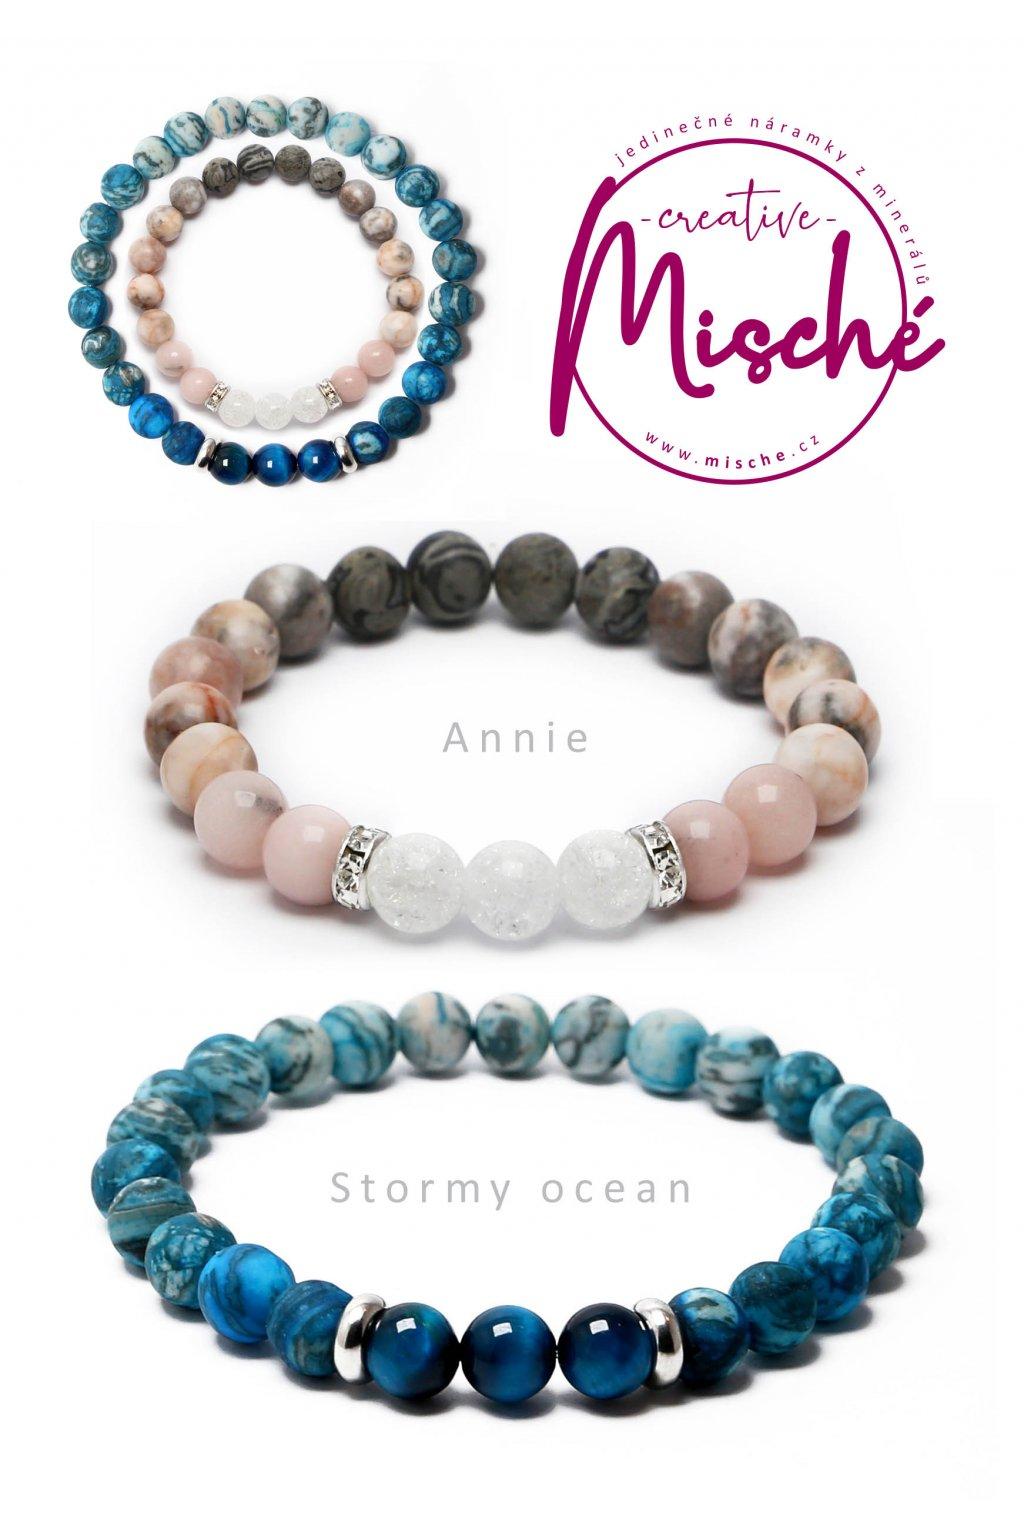 párové náramky Annie Stormy ocean